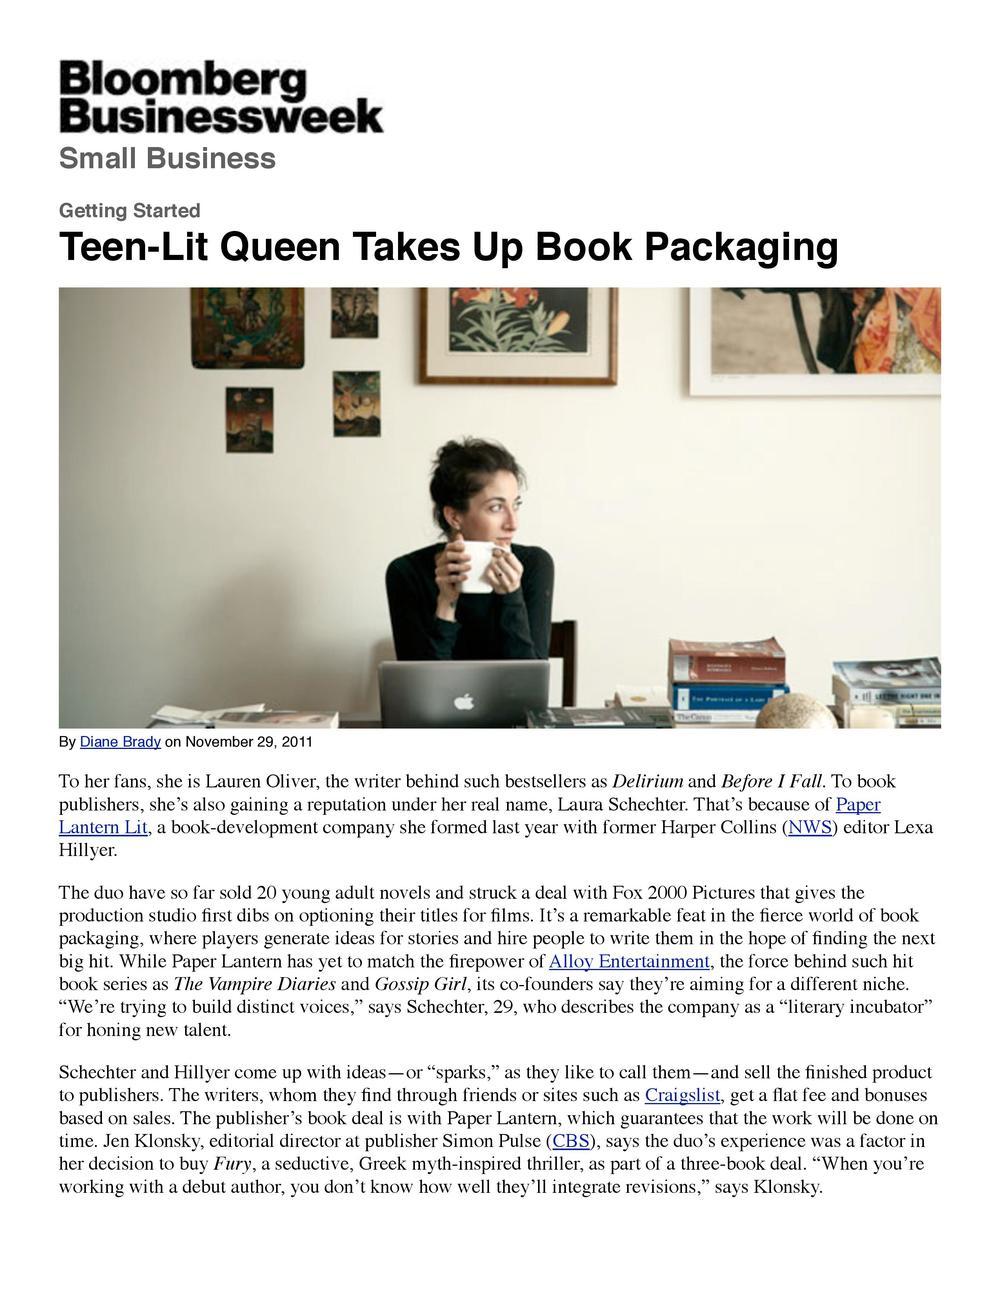 LaurenOliverBloombergBusinessweek.jpg